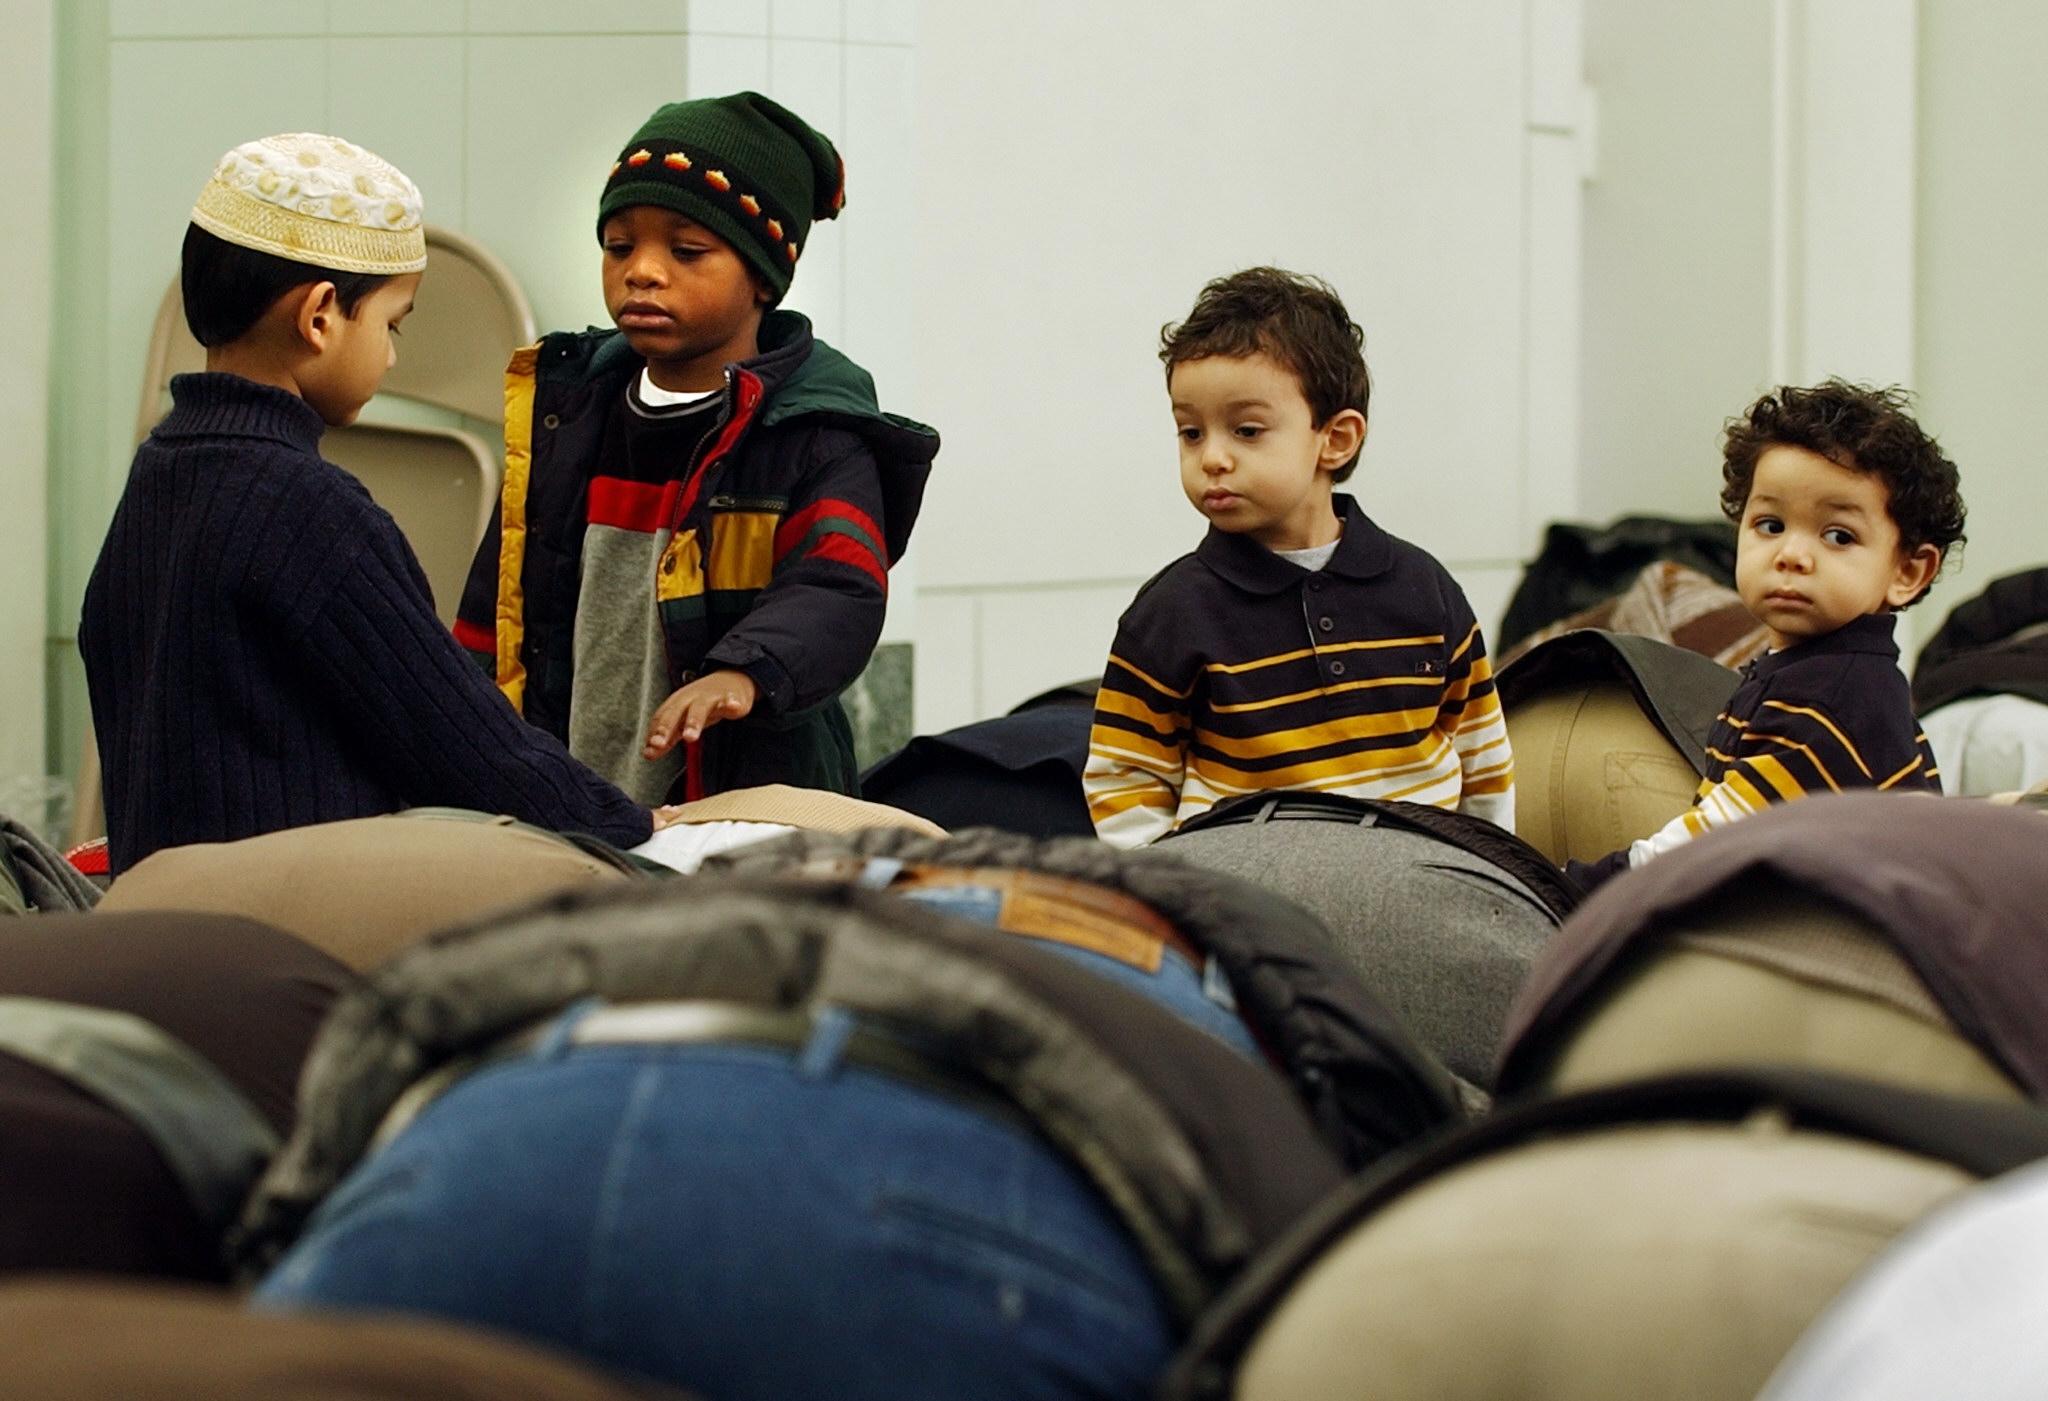 أطفال مسلمون في الولايات المتحدة